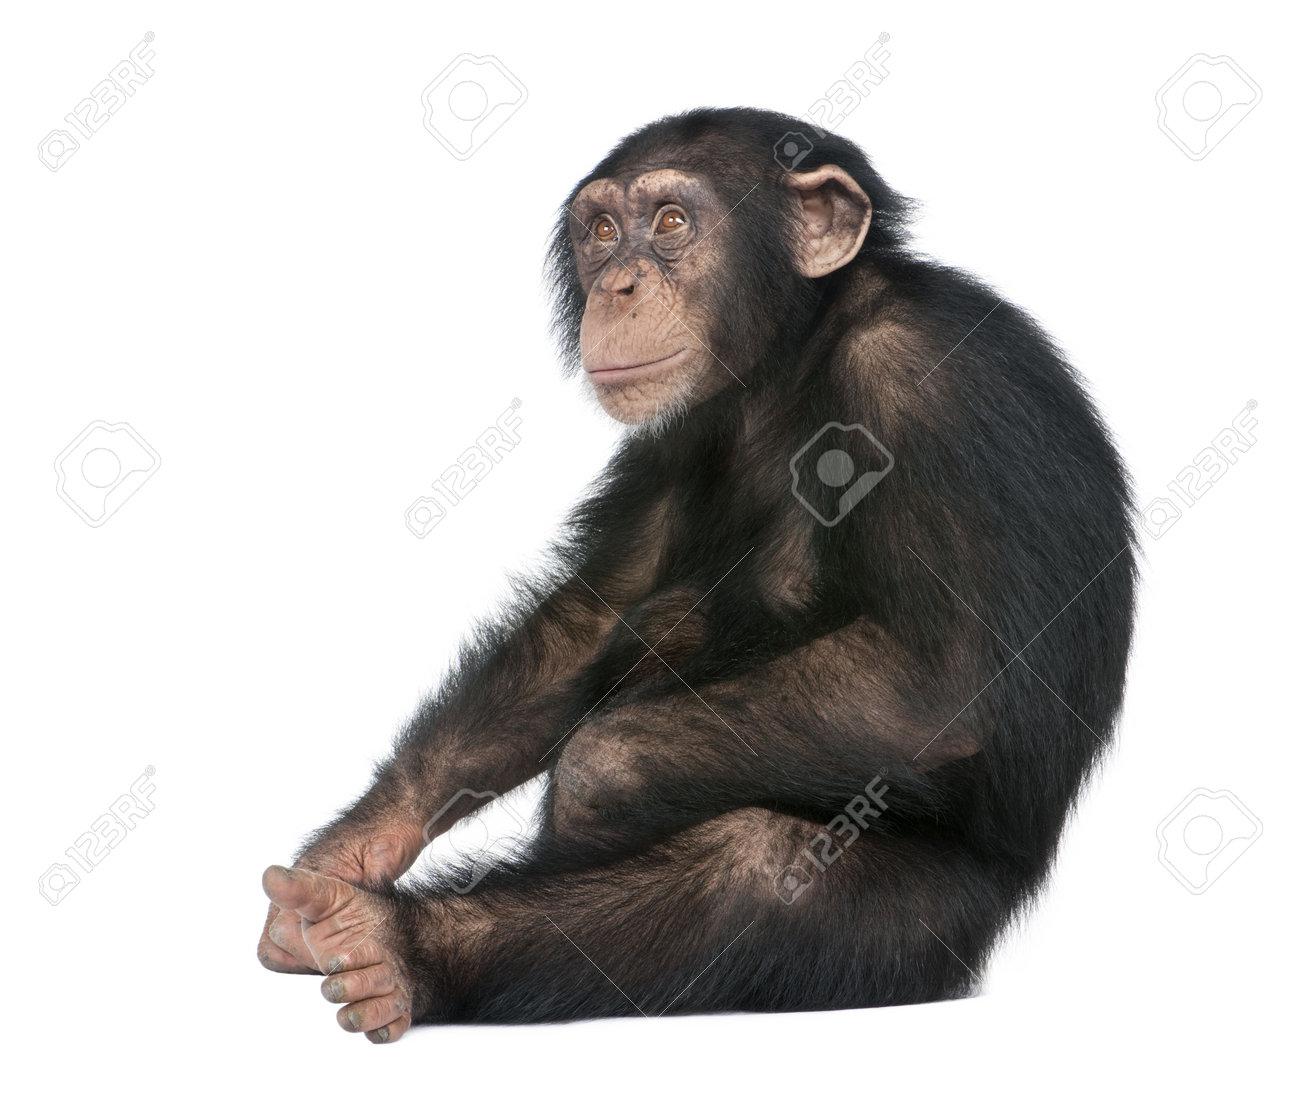 Junge Schimpanse Simia Zaunkonige 5 Jahre Vor Der Einen Weissen